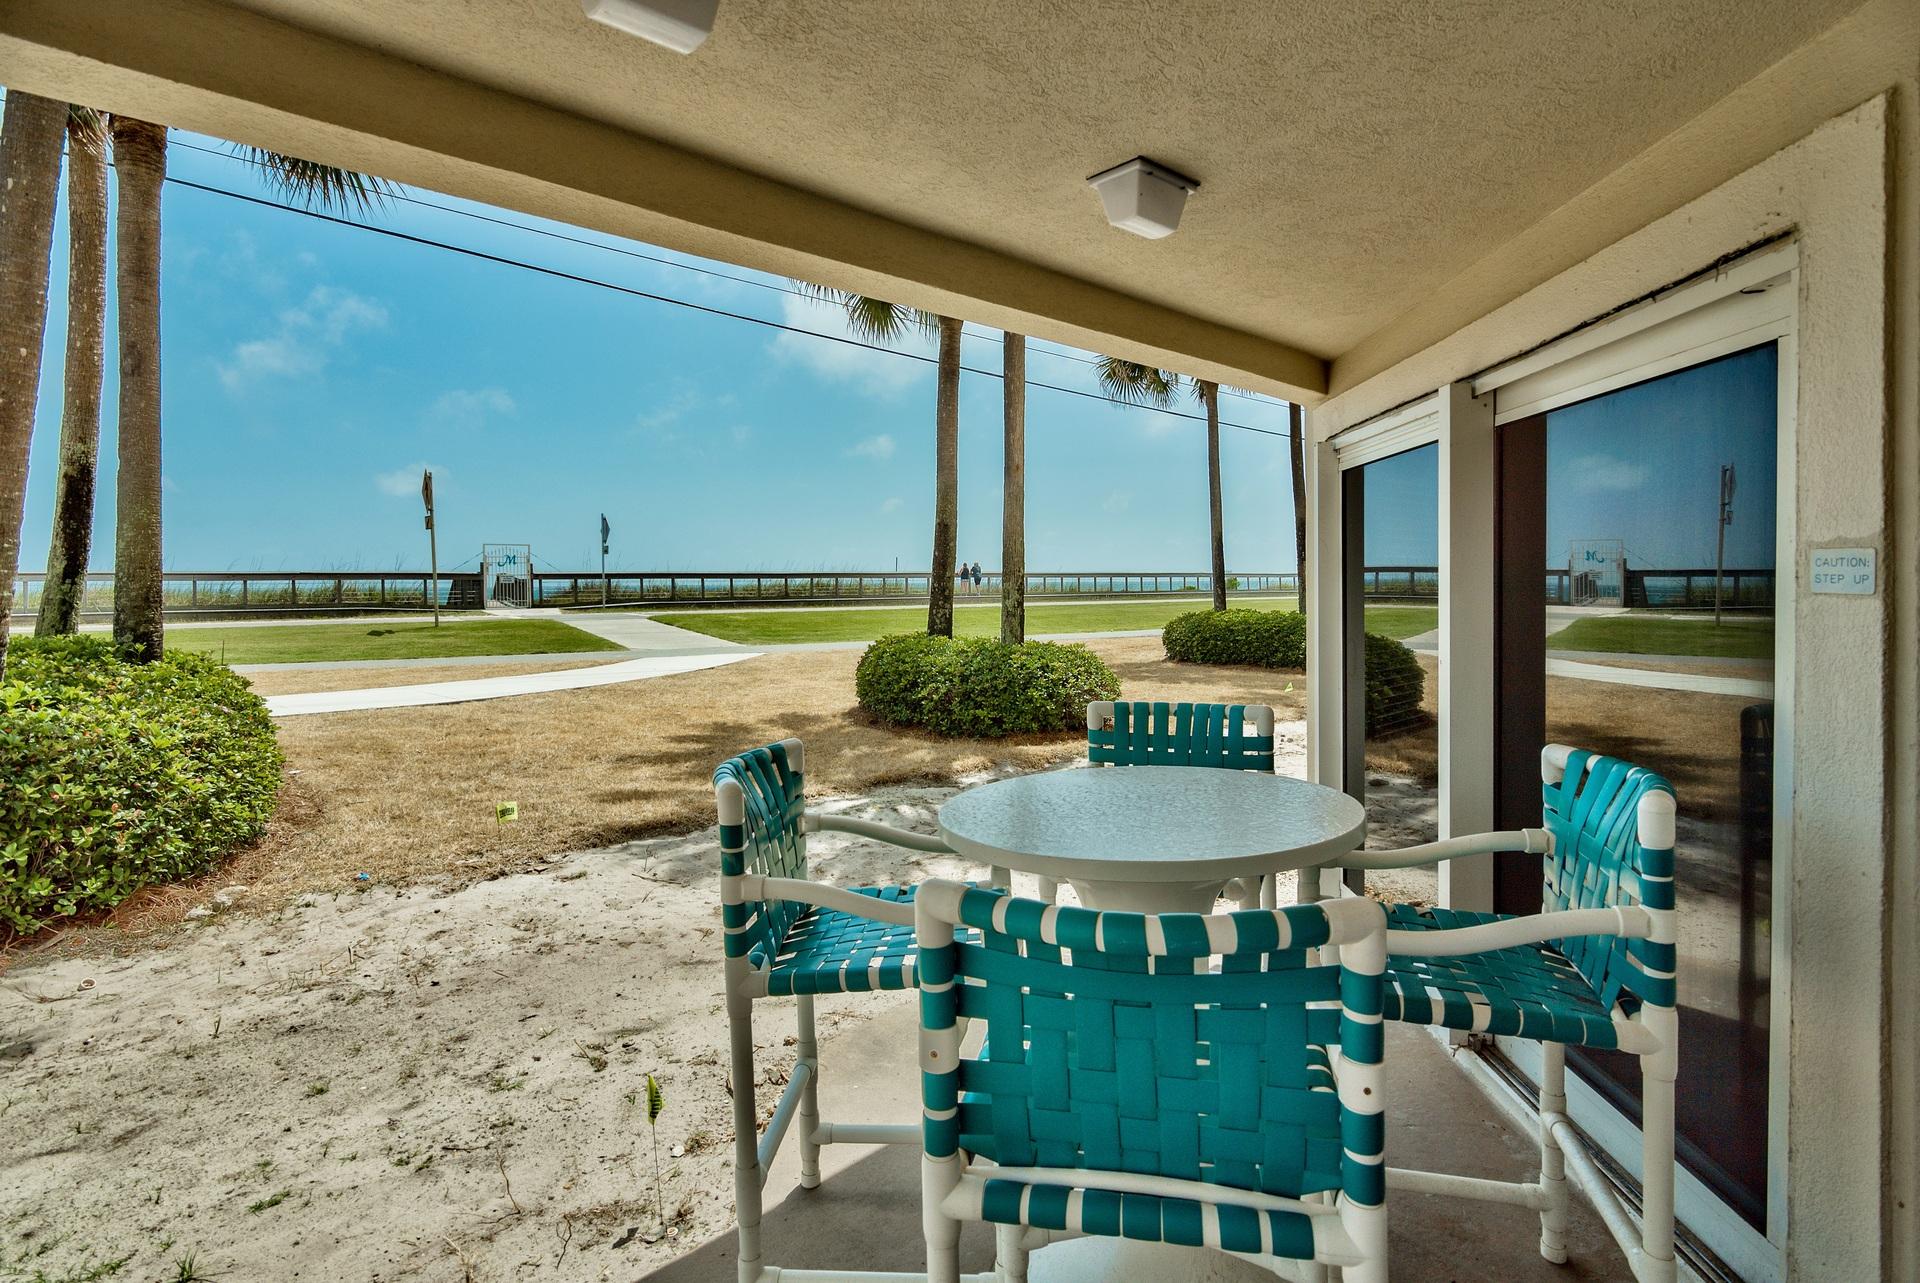 Cheap Condos In Destin Florida On The Beach